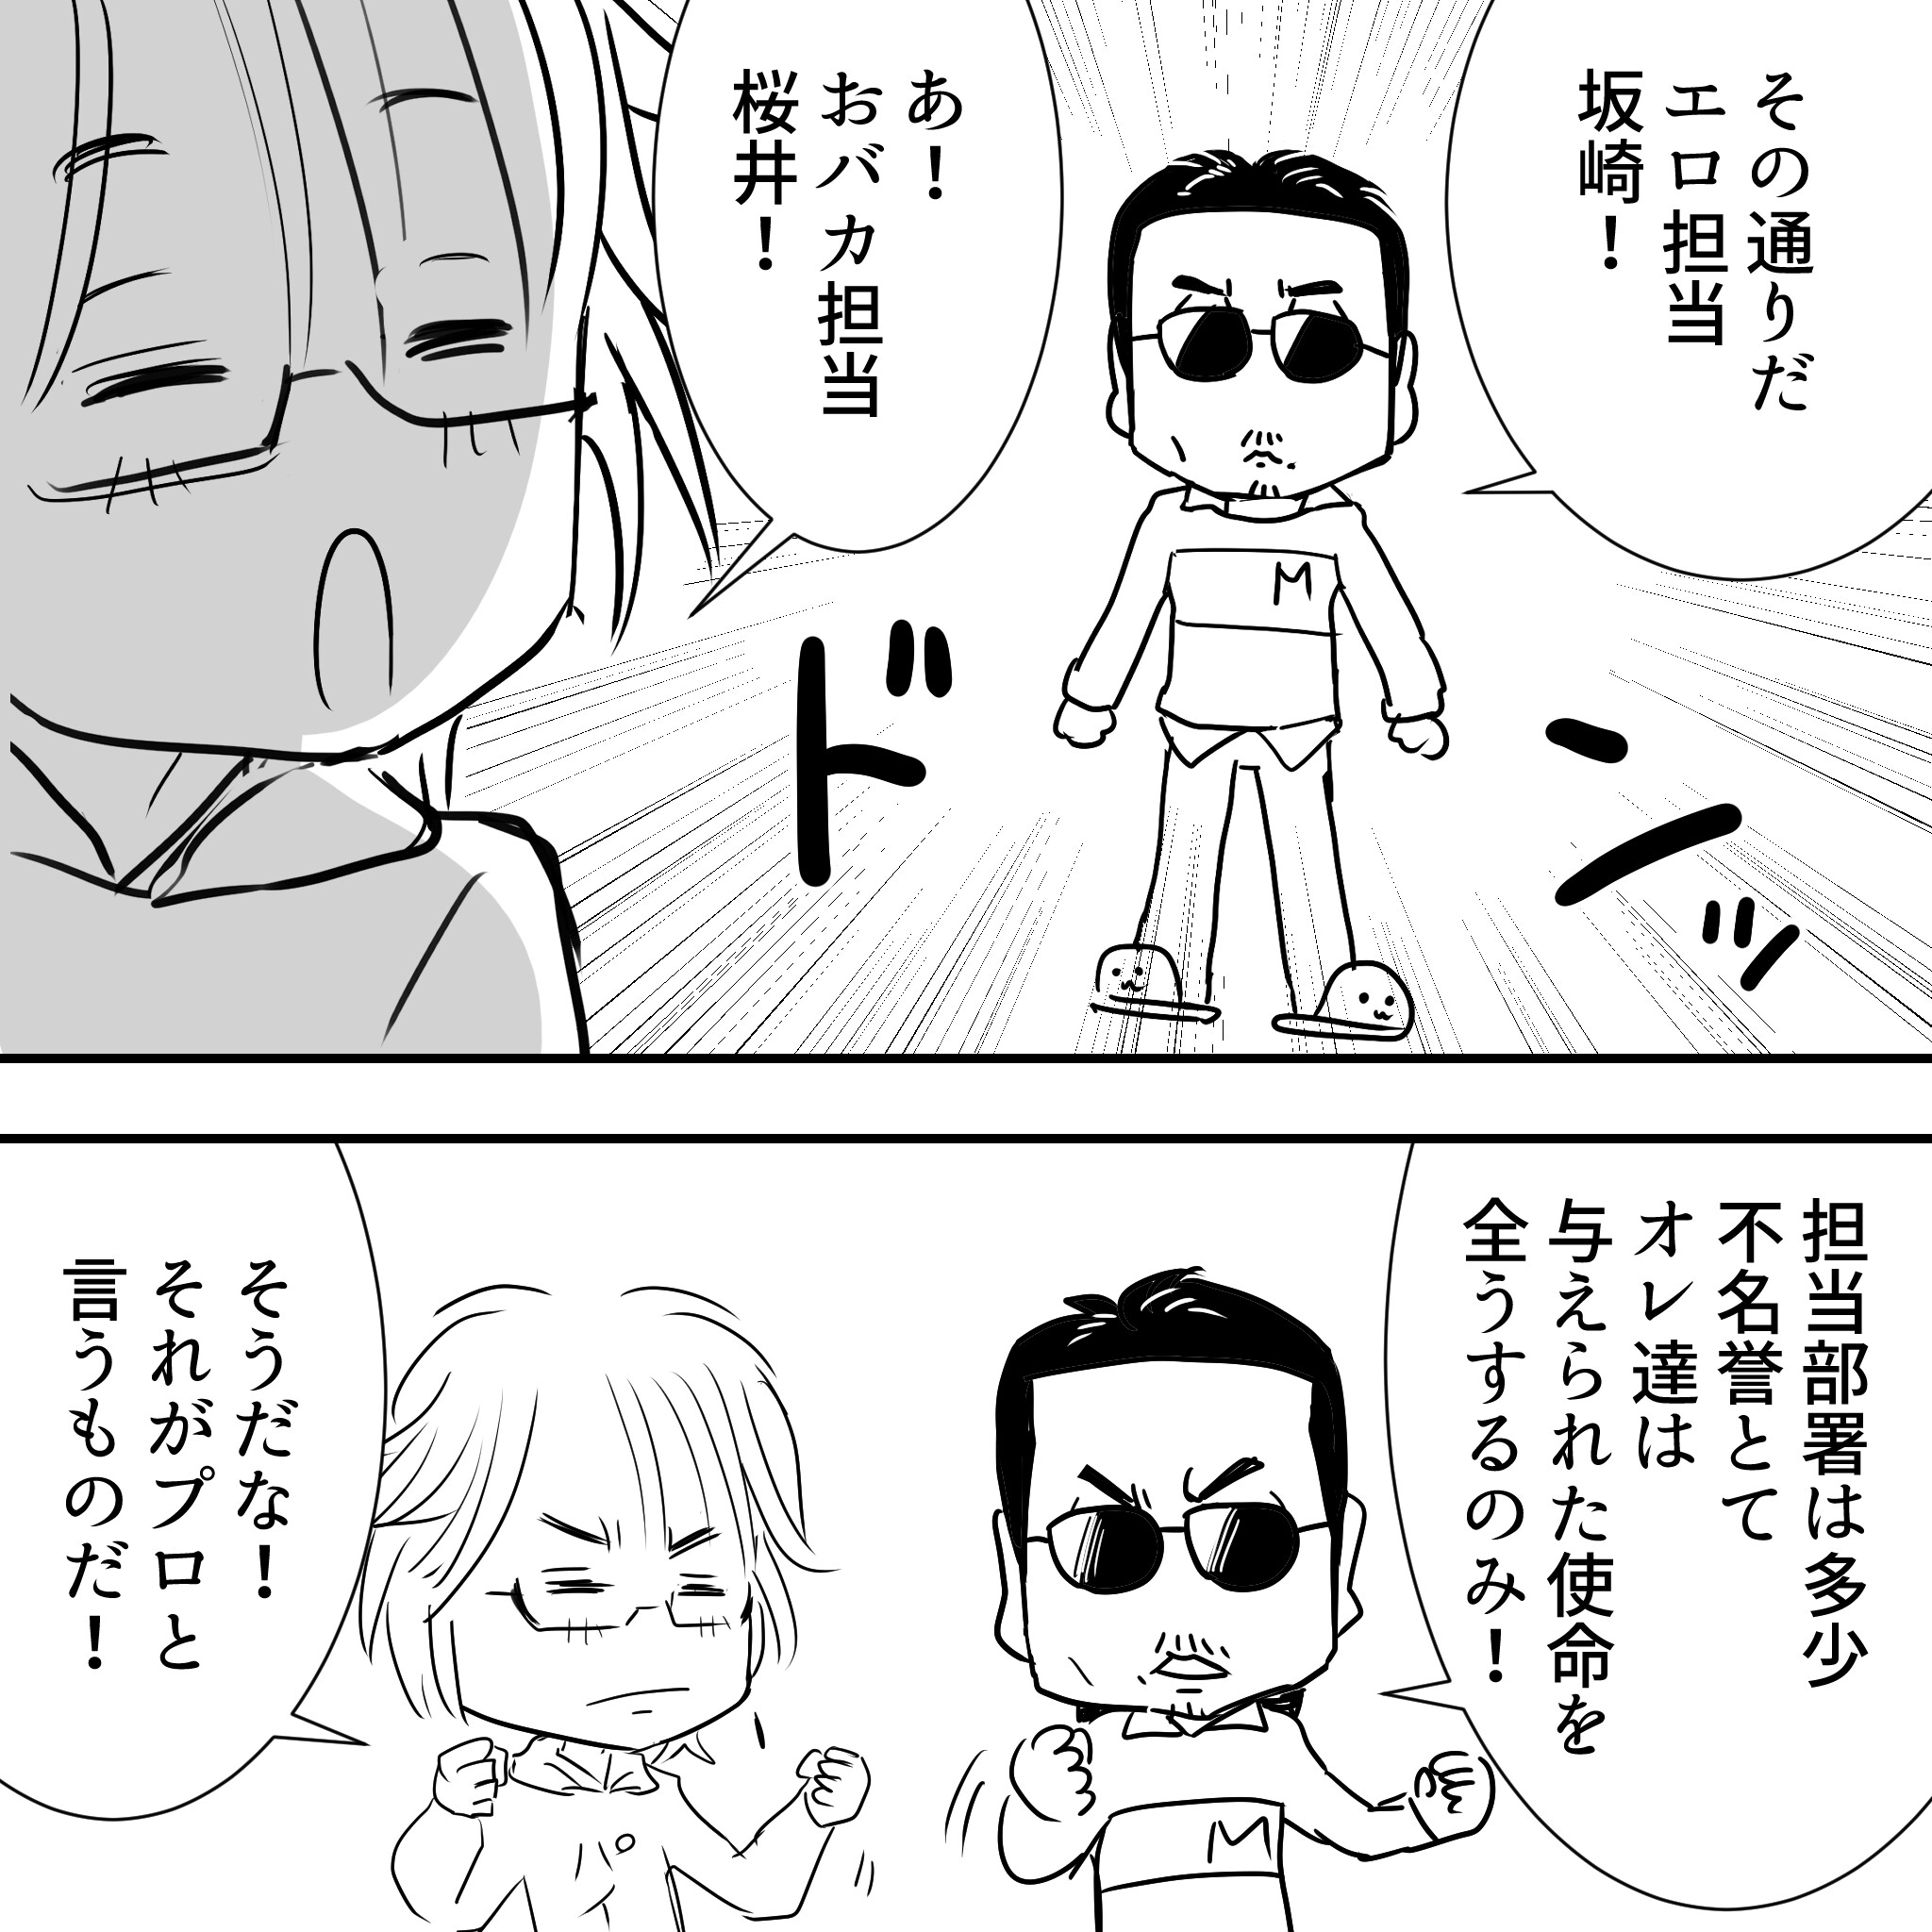 きんかんたまたま坂崎2